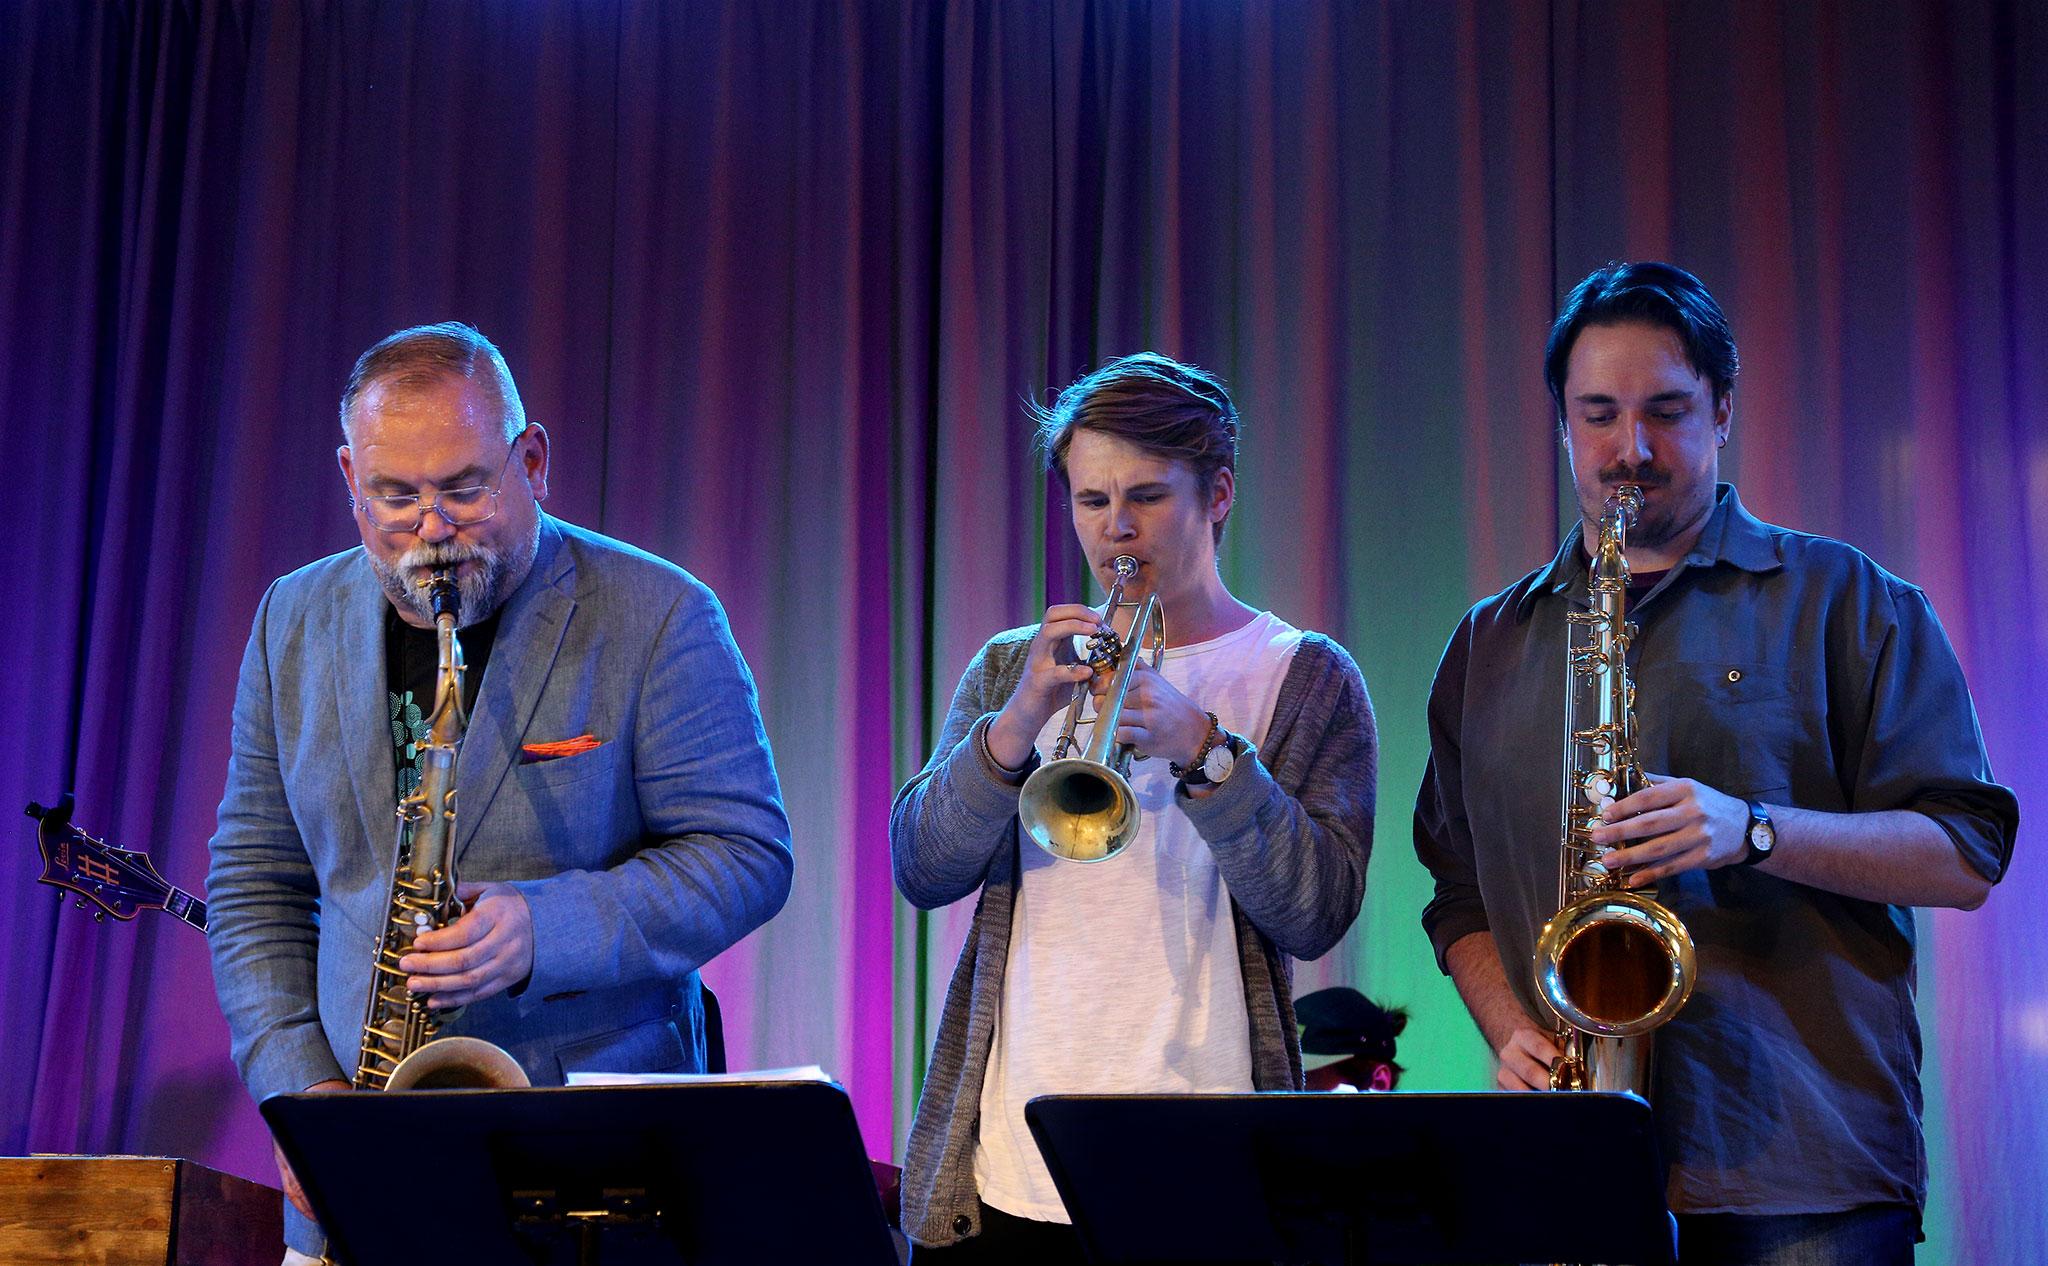 Karl-Martin Almqvist på saxofon tillsammans med ytterligare en saoxofonist och en trumpetare.